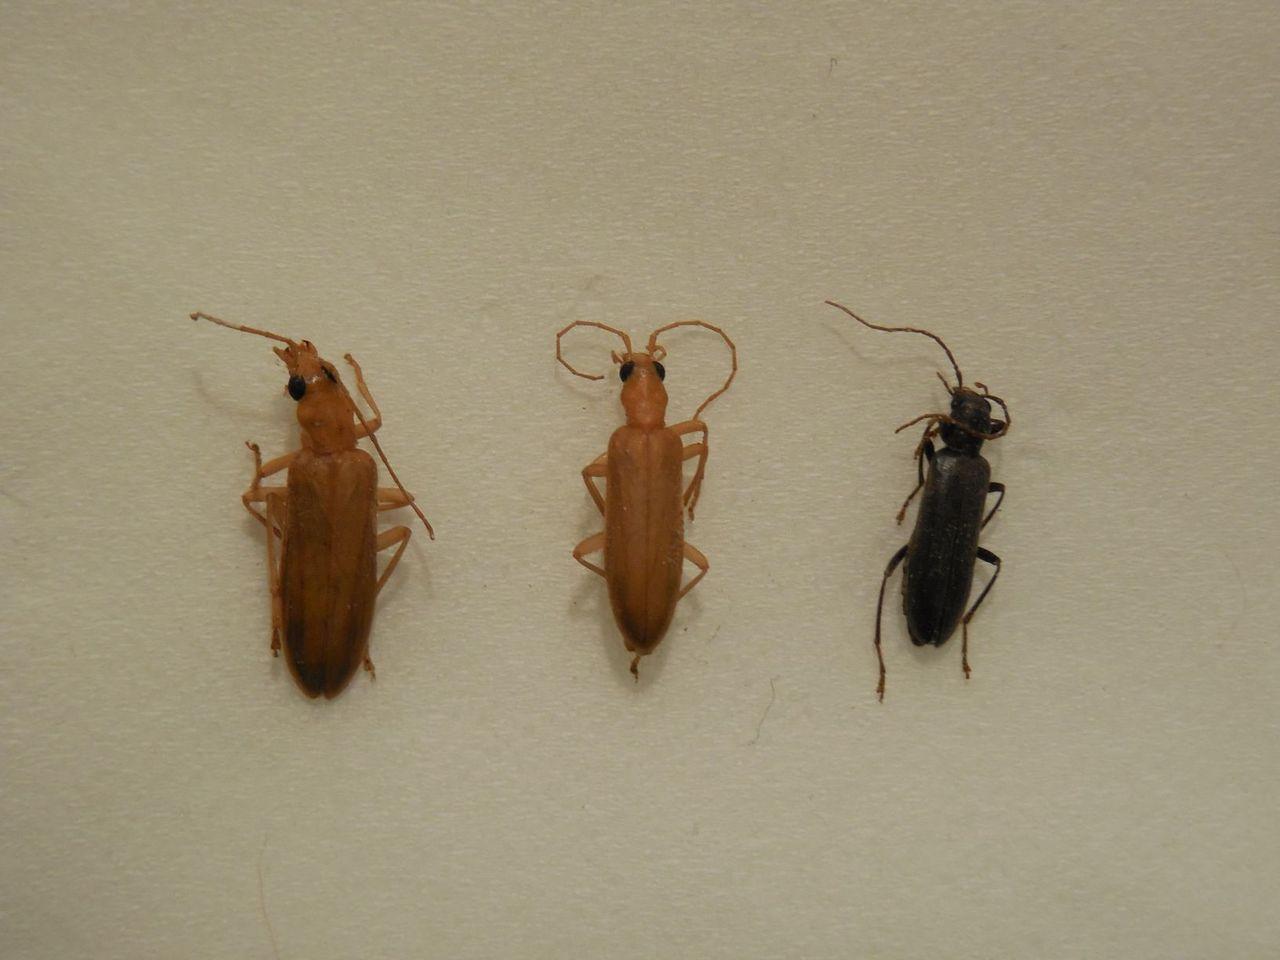 自称「文化昆虫学研究家」のひとりごと